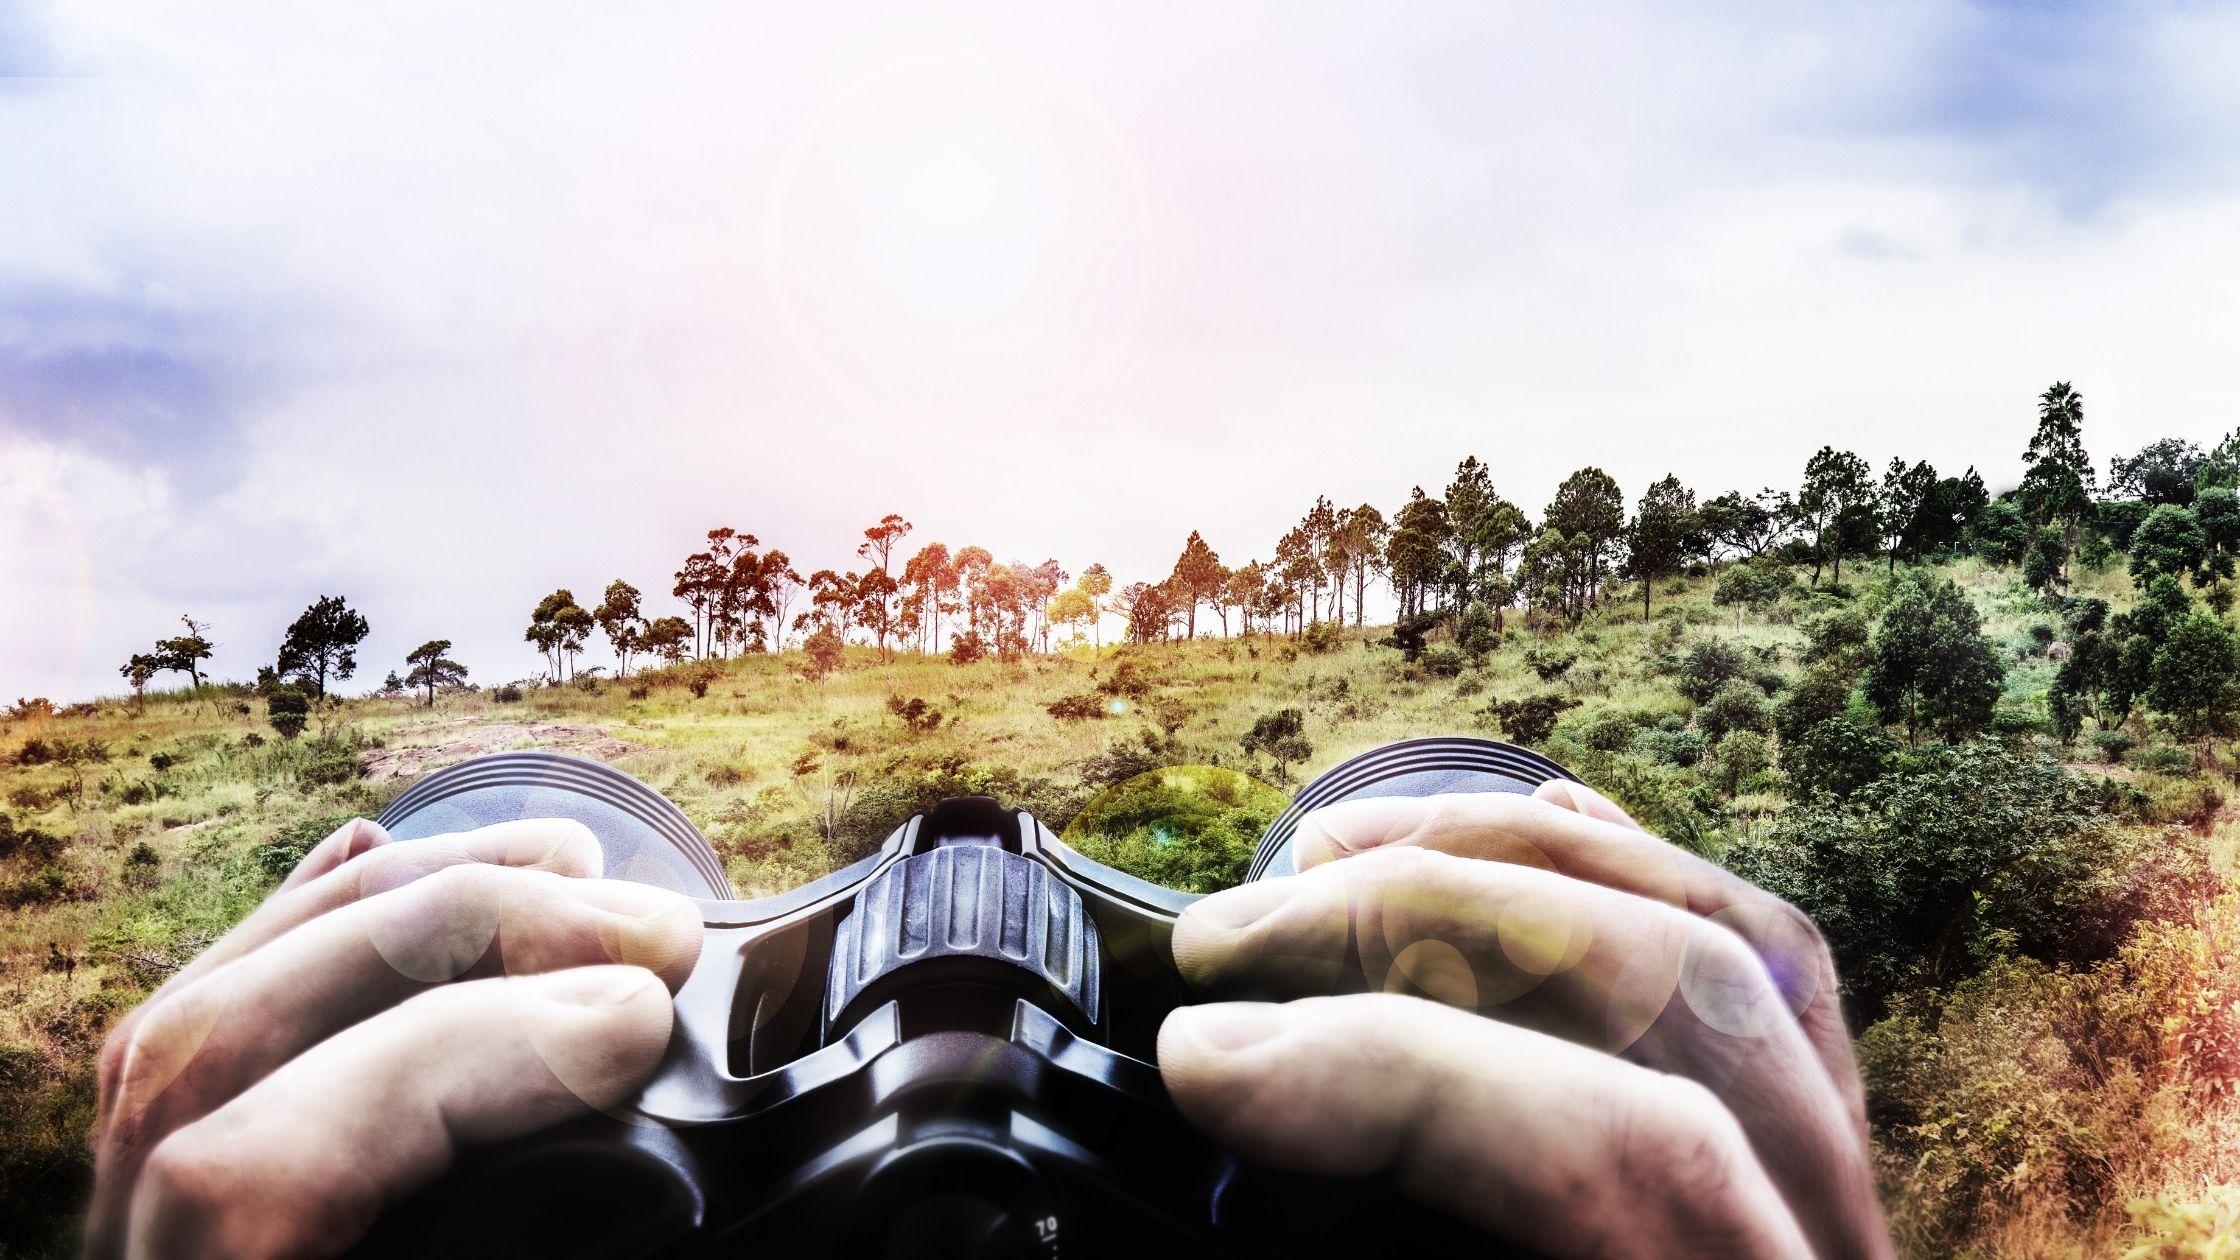 binoculars 10x42 vs 12x50